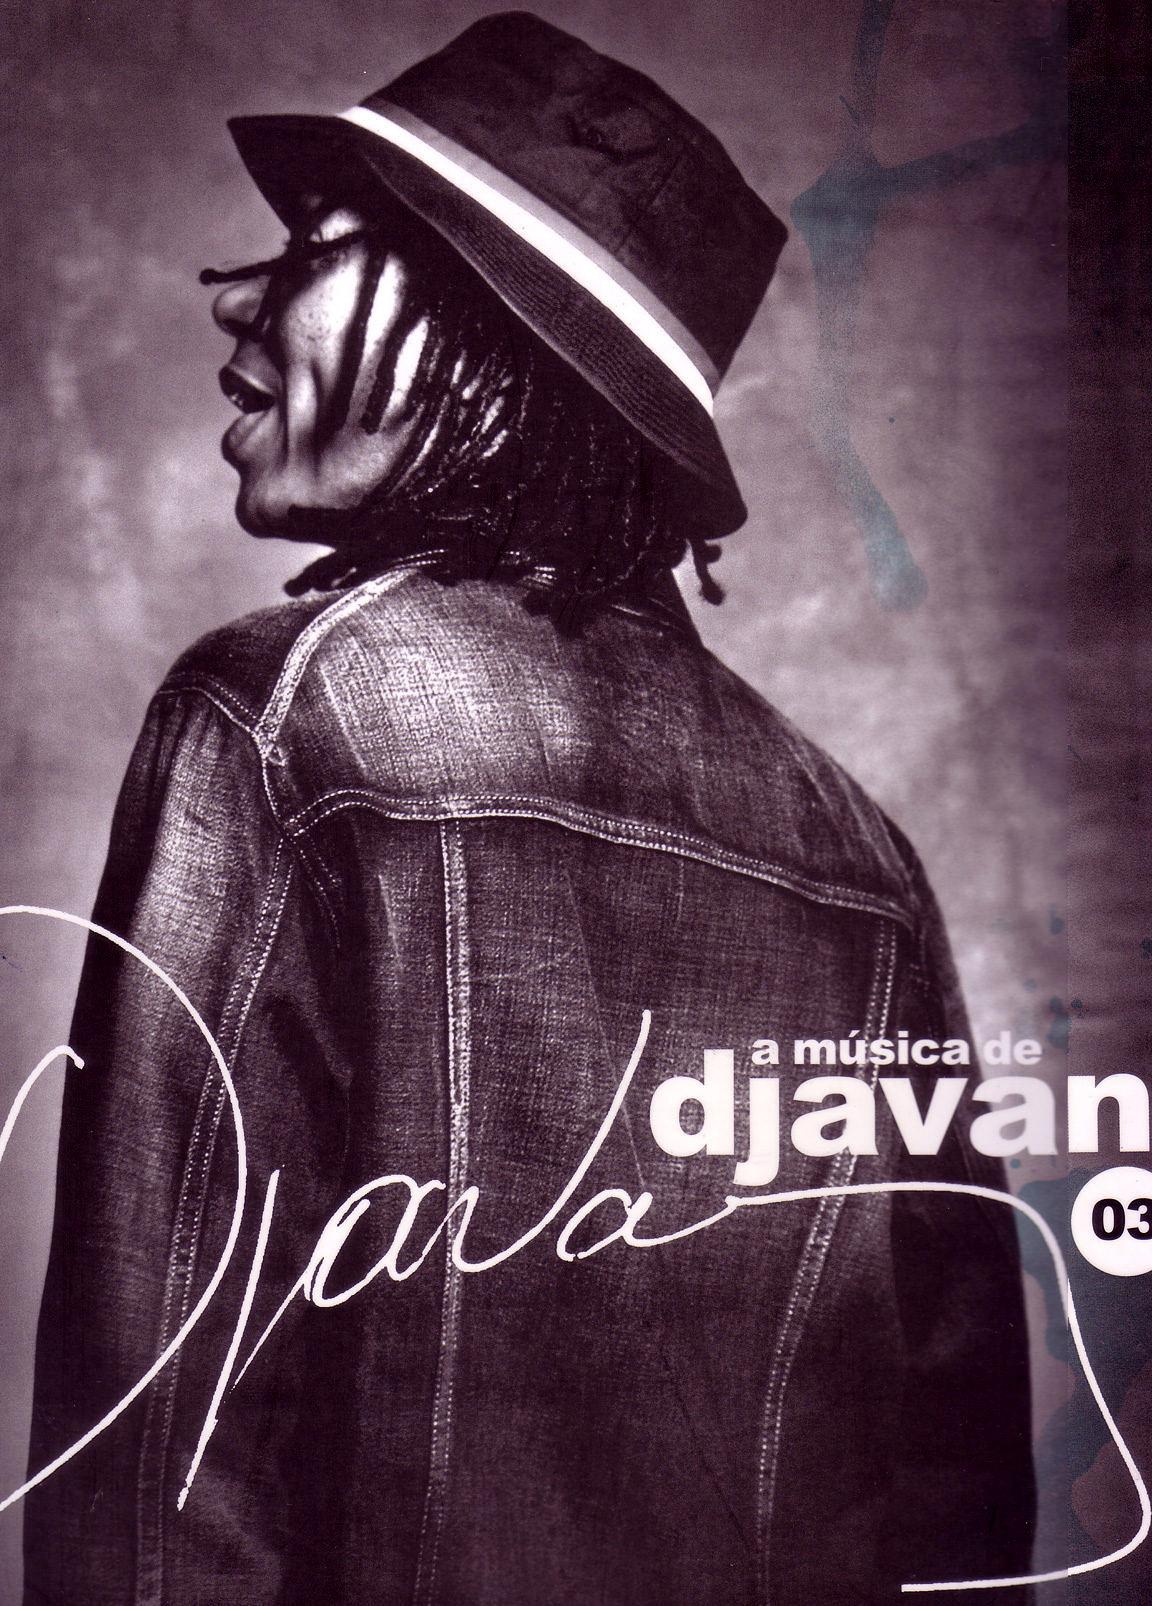 A Música de Djavan Vol 3